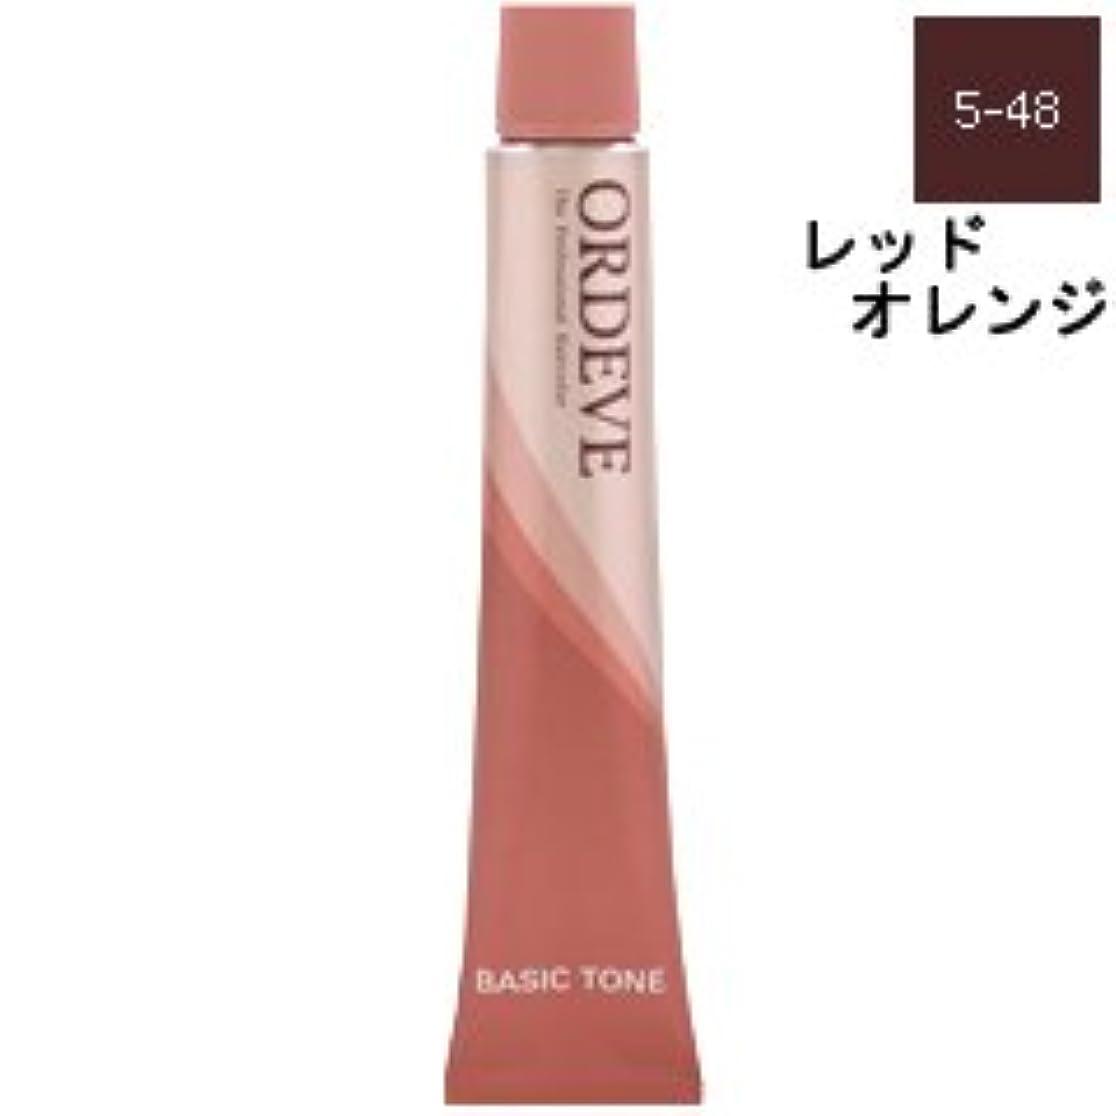 【ミルボン】オルディーブ ベーシックトーン #05-48 レッドオレンジ 80g